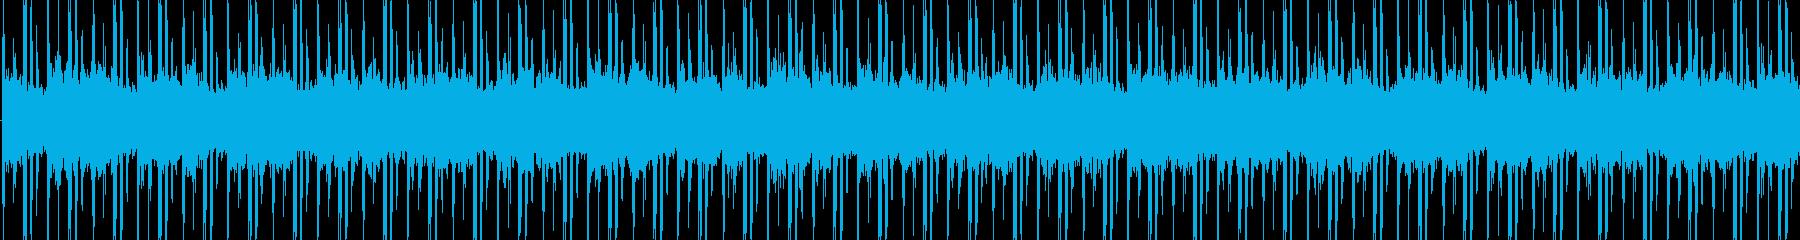 チル/まったり/リラックス/ヒップホップの再生済みの波形